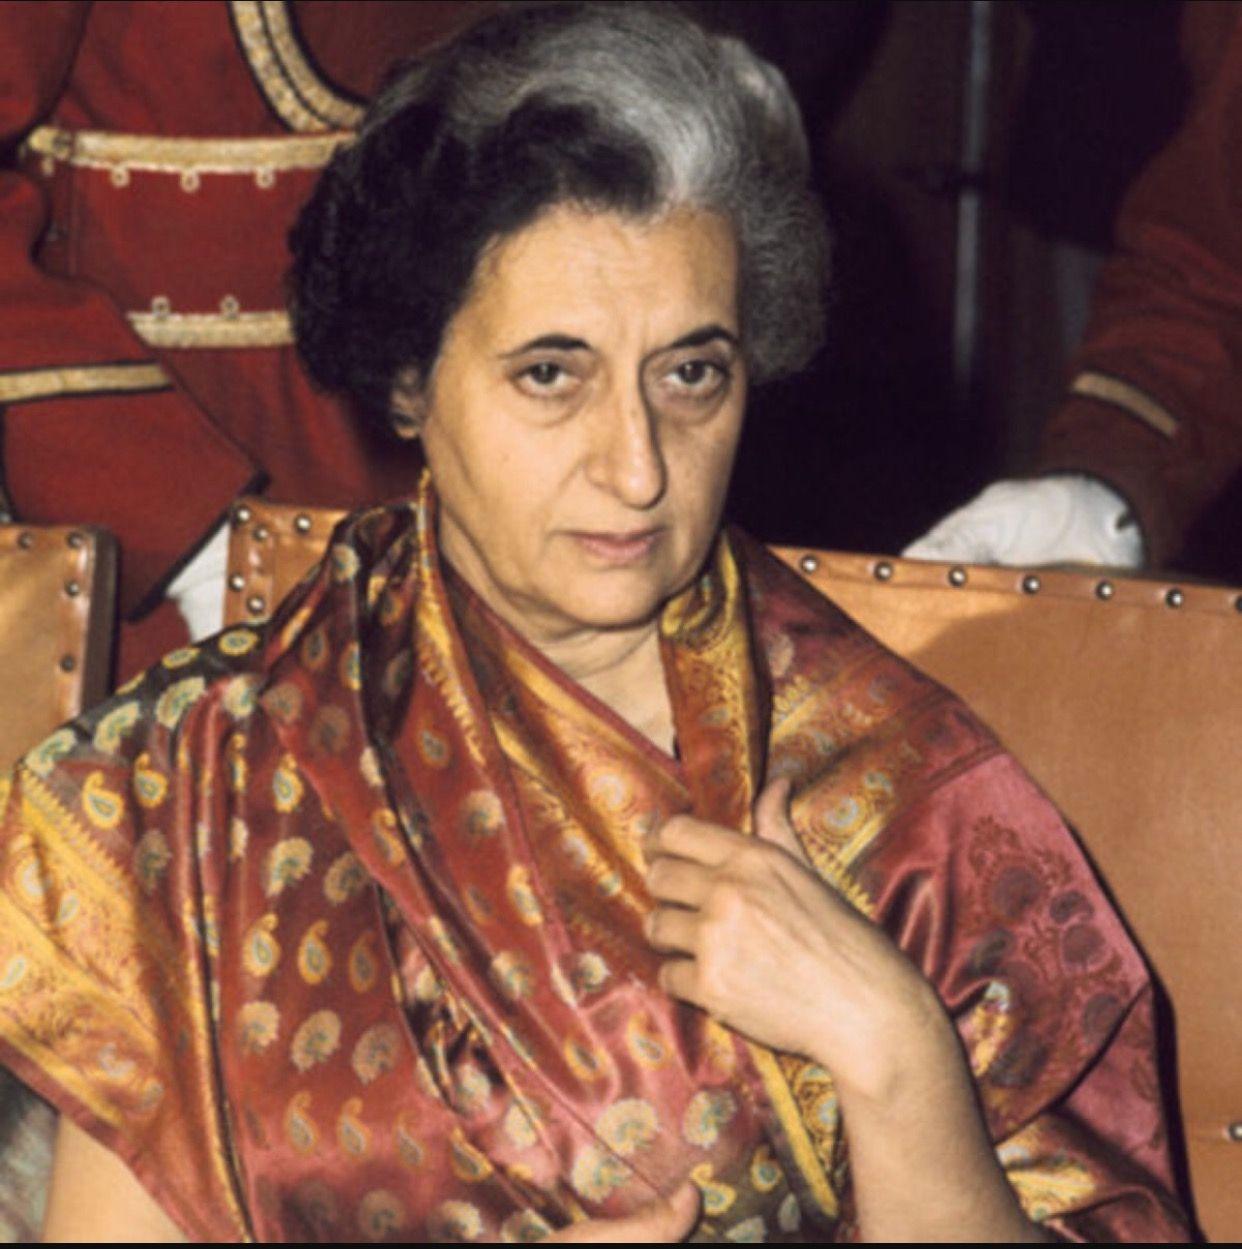 Indra Gandhi (B. 1917) Indira Priyadarshini Gandhi was an